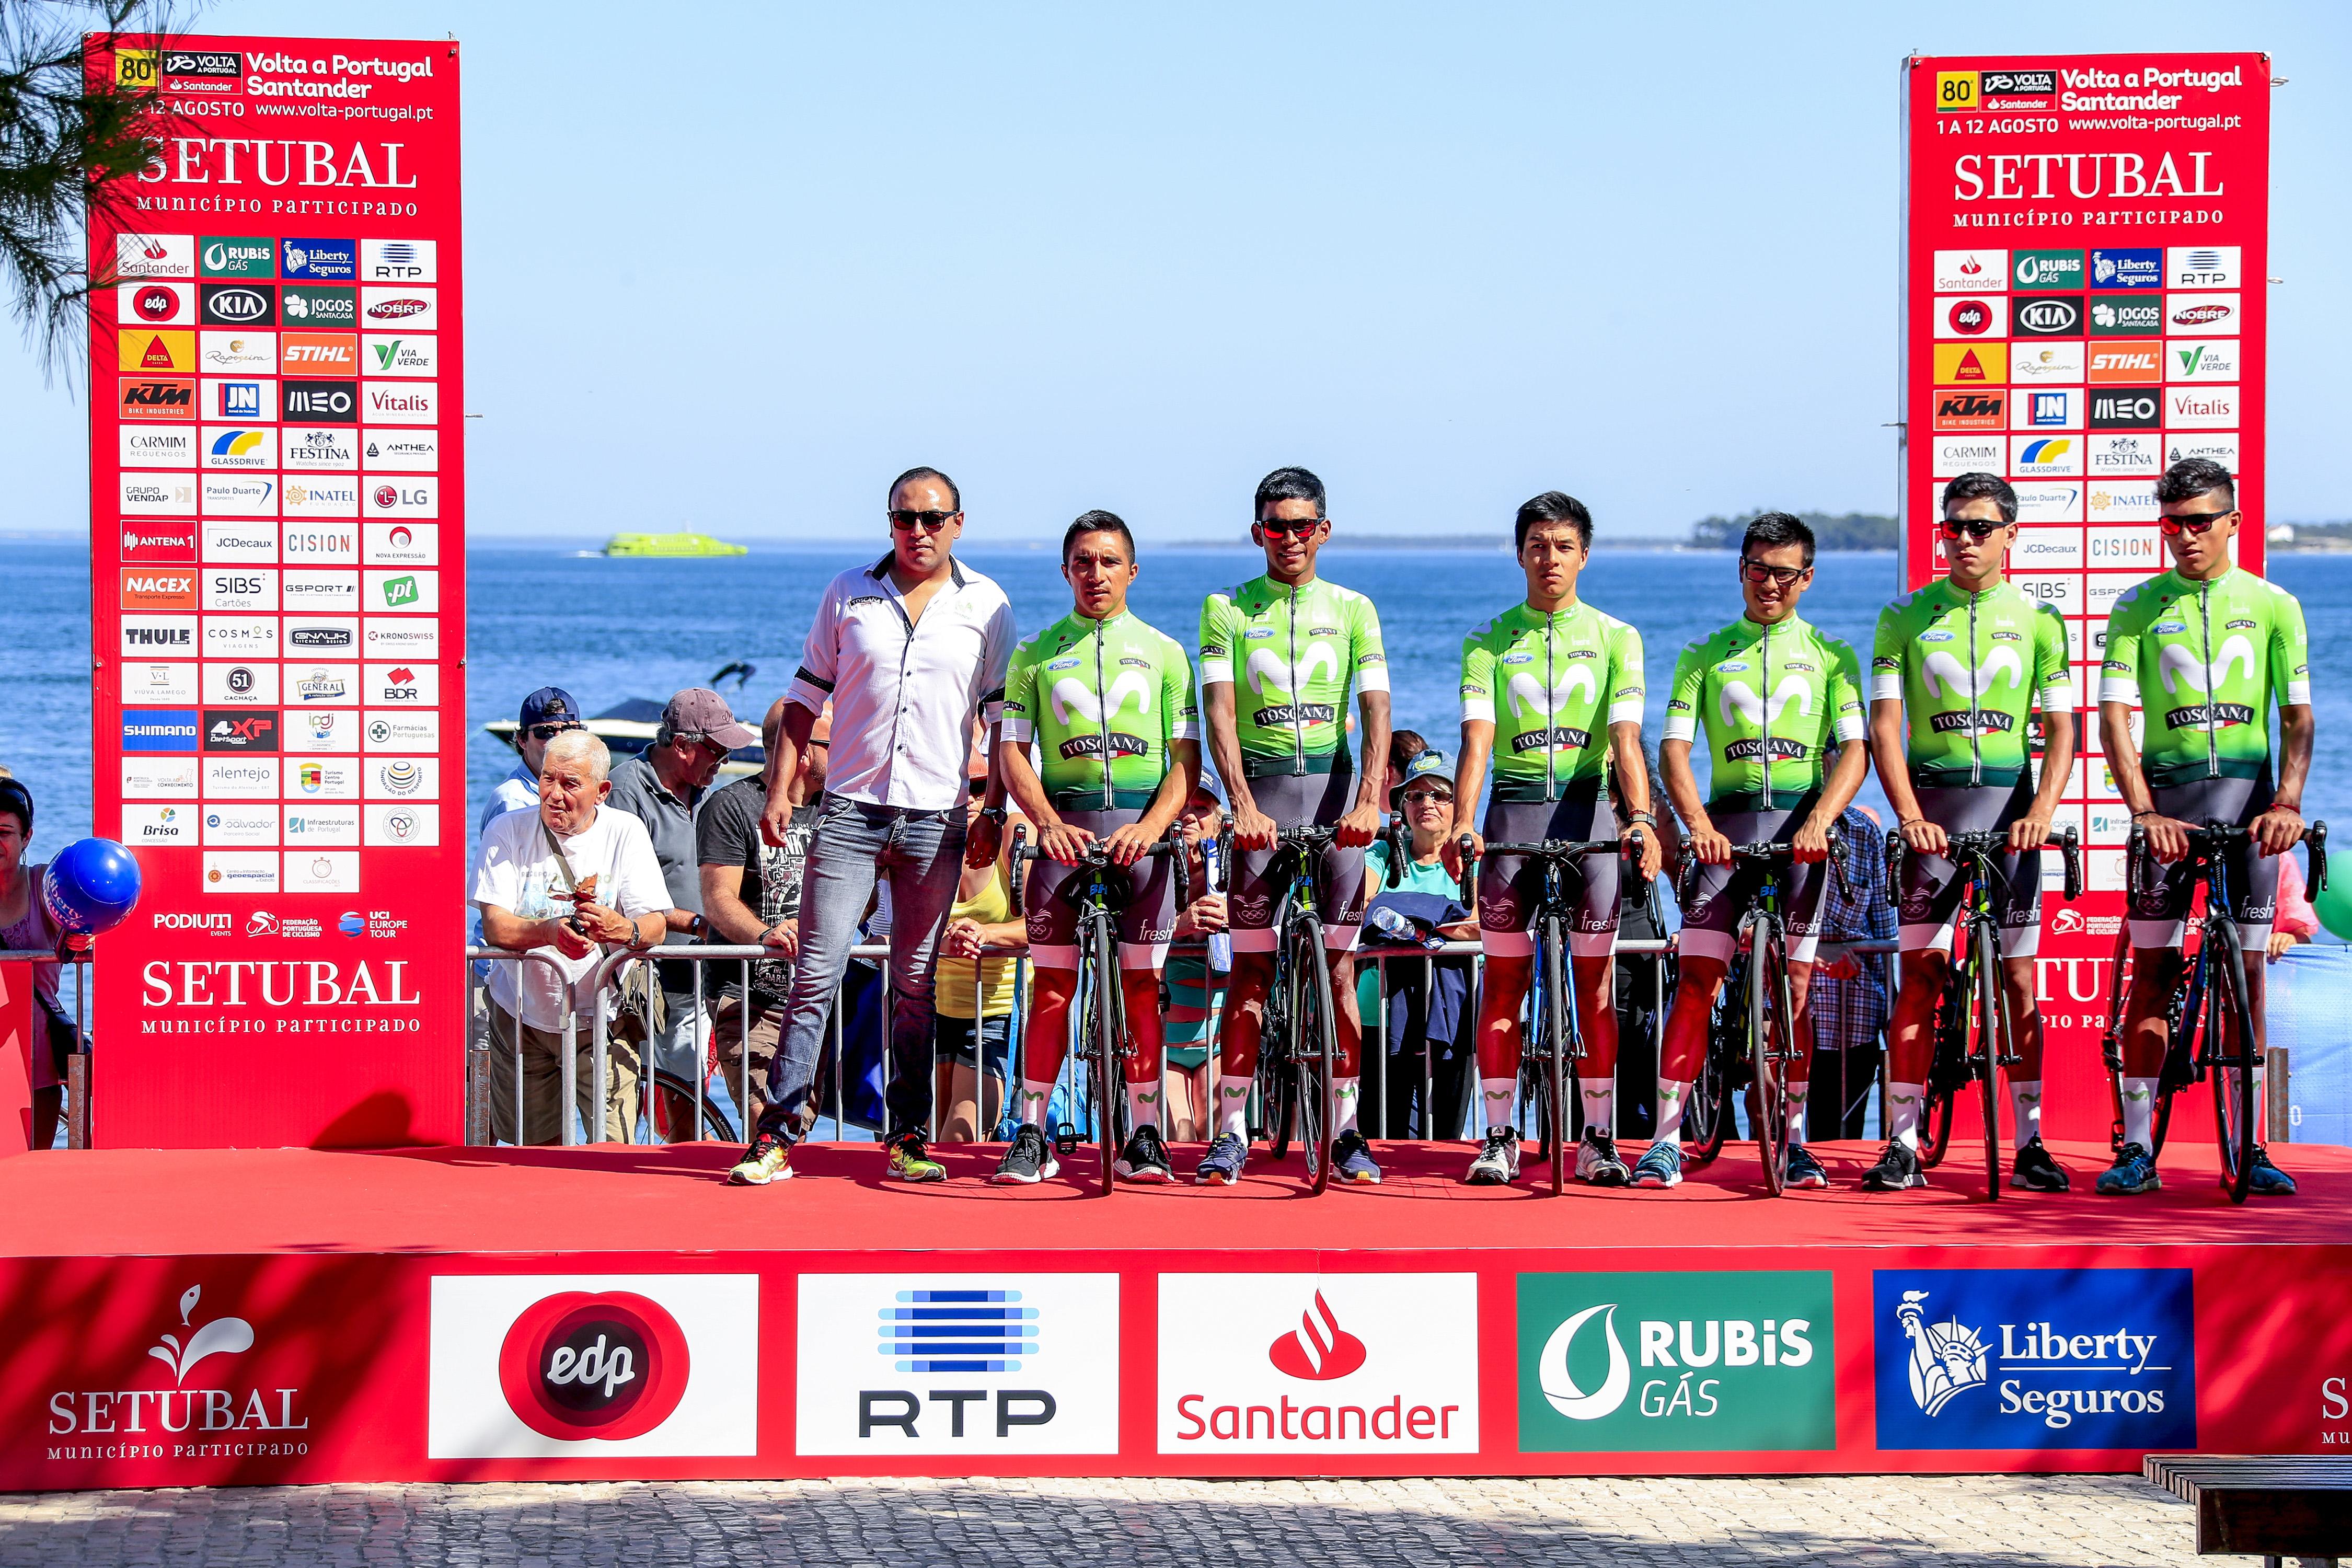 80ª Volta a Portugal Santander 2e15c5cdeba52